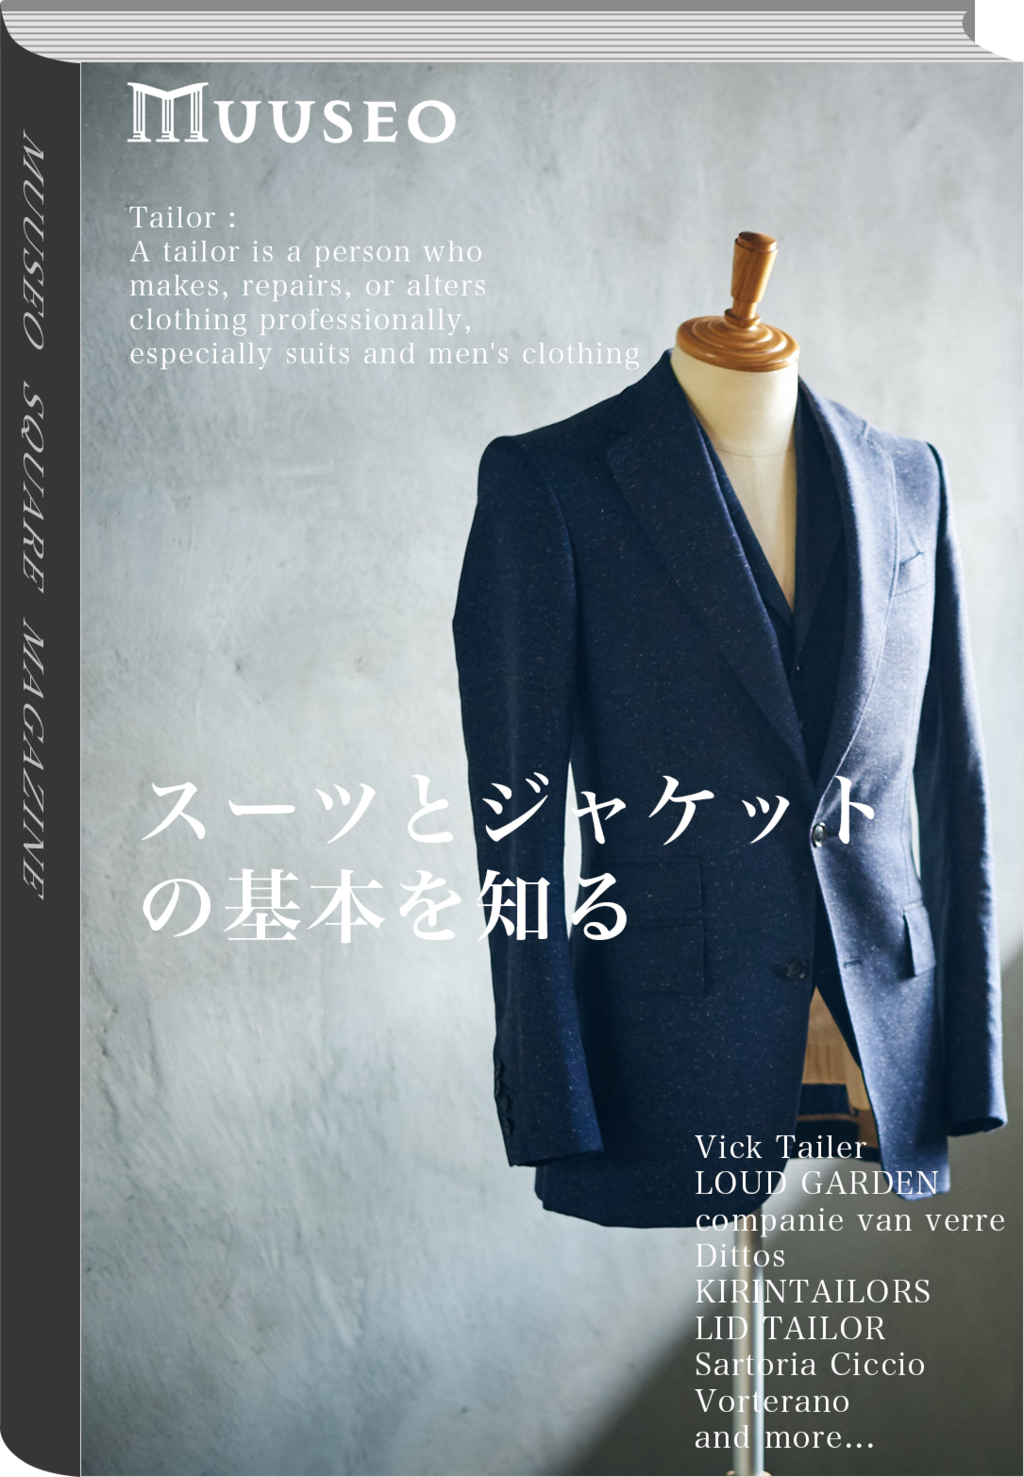 スーツとジャケットの基本を知る